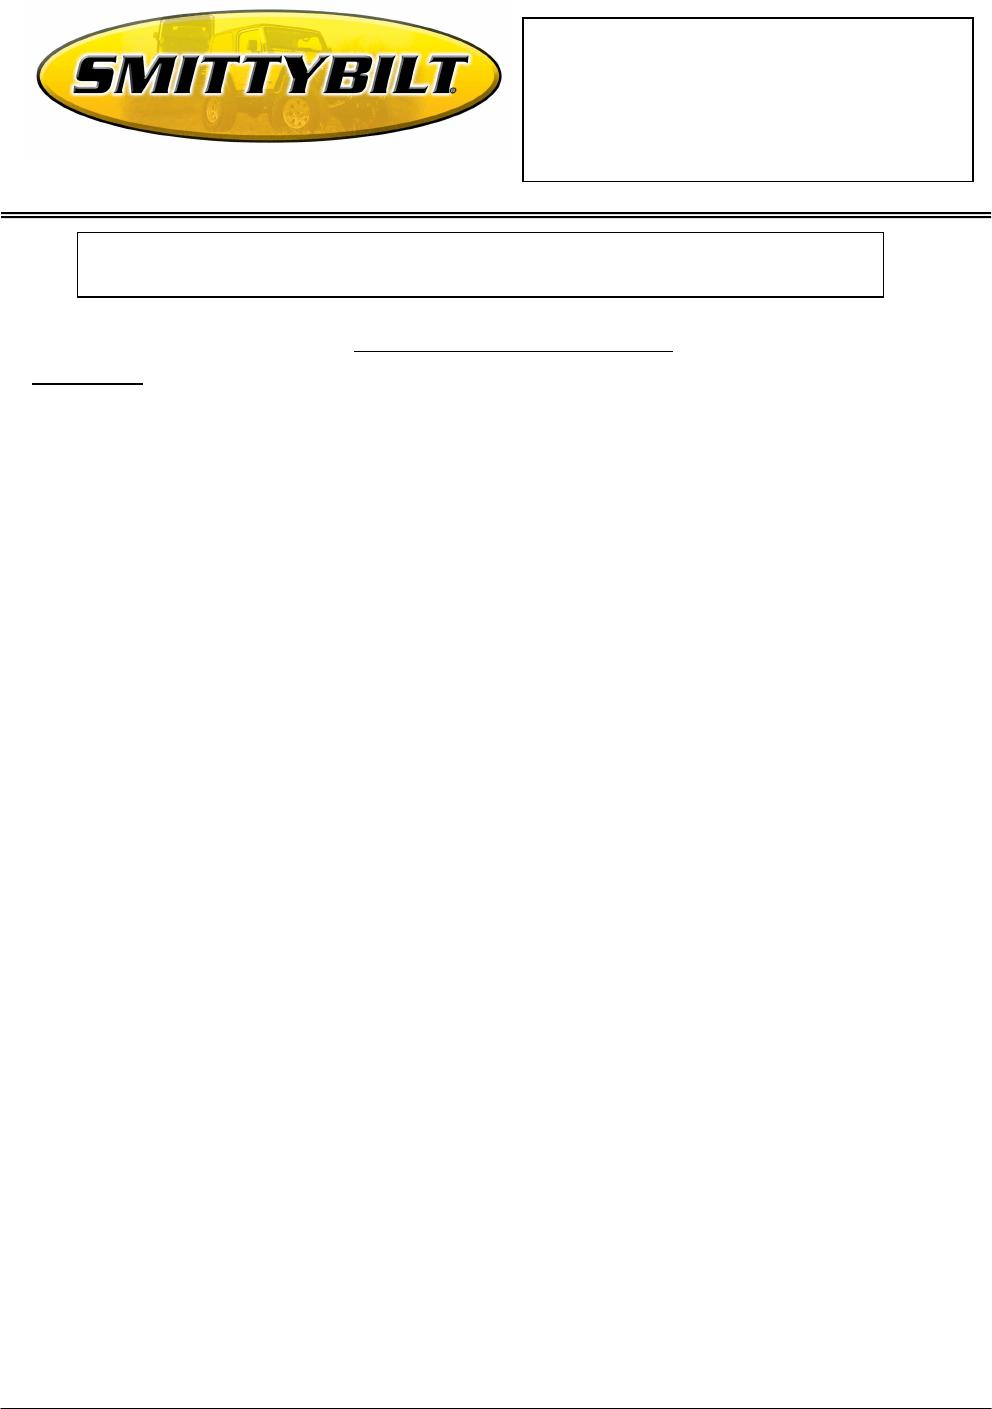 medium resolution of smittybilt x20 winch wiring diagram